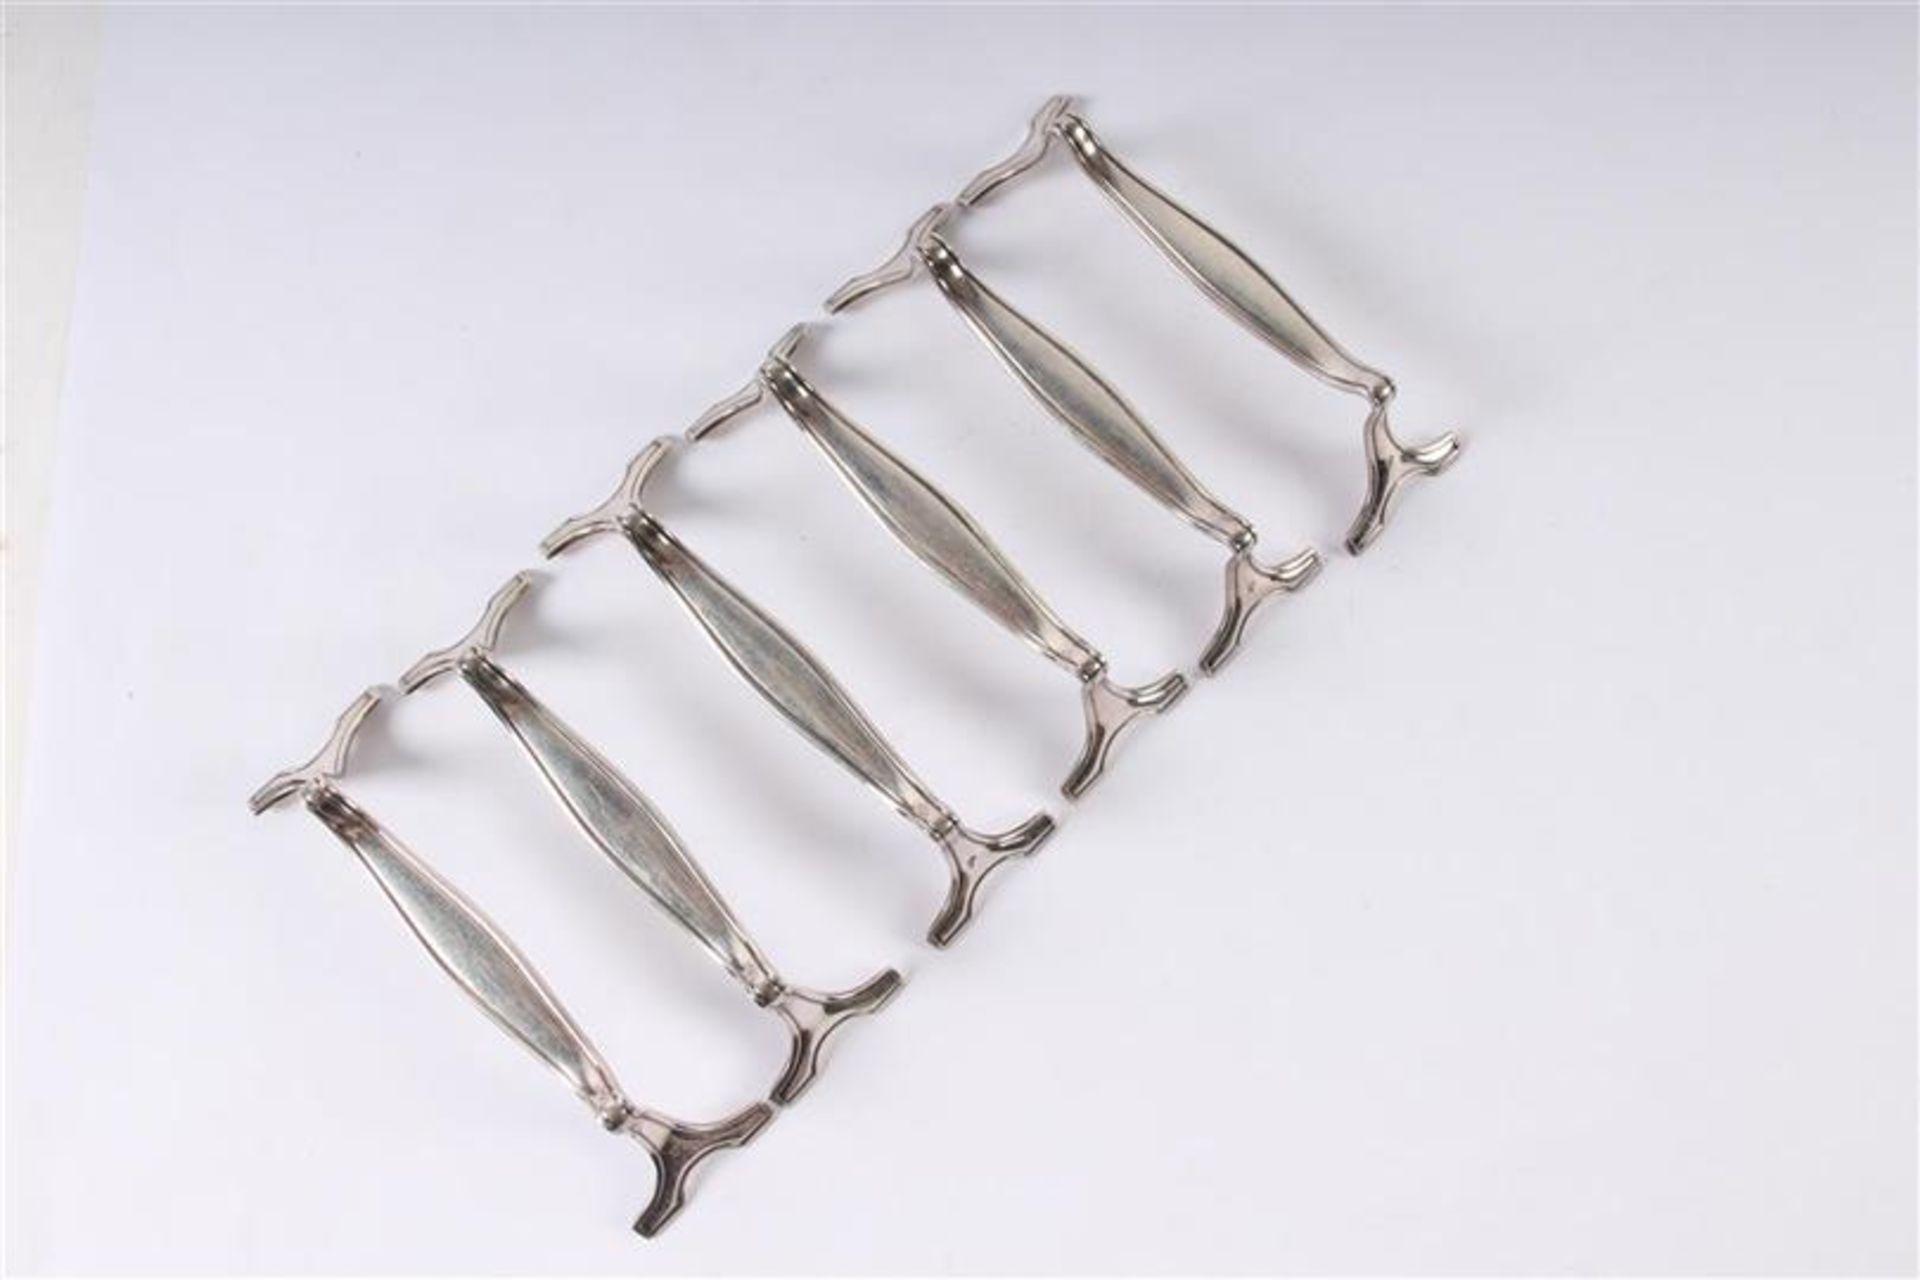 Los 53 - Set van zes viscouverts, diencouvert en zes messenleggers, gemerkt AWS 800. Gewicht: 883 g.